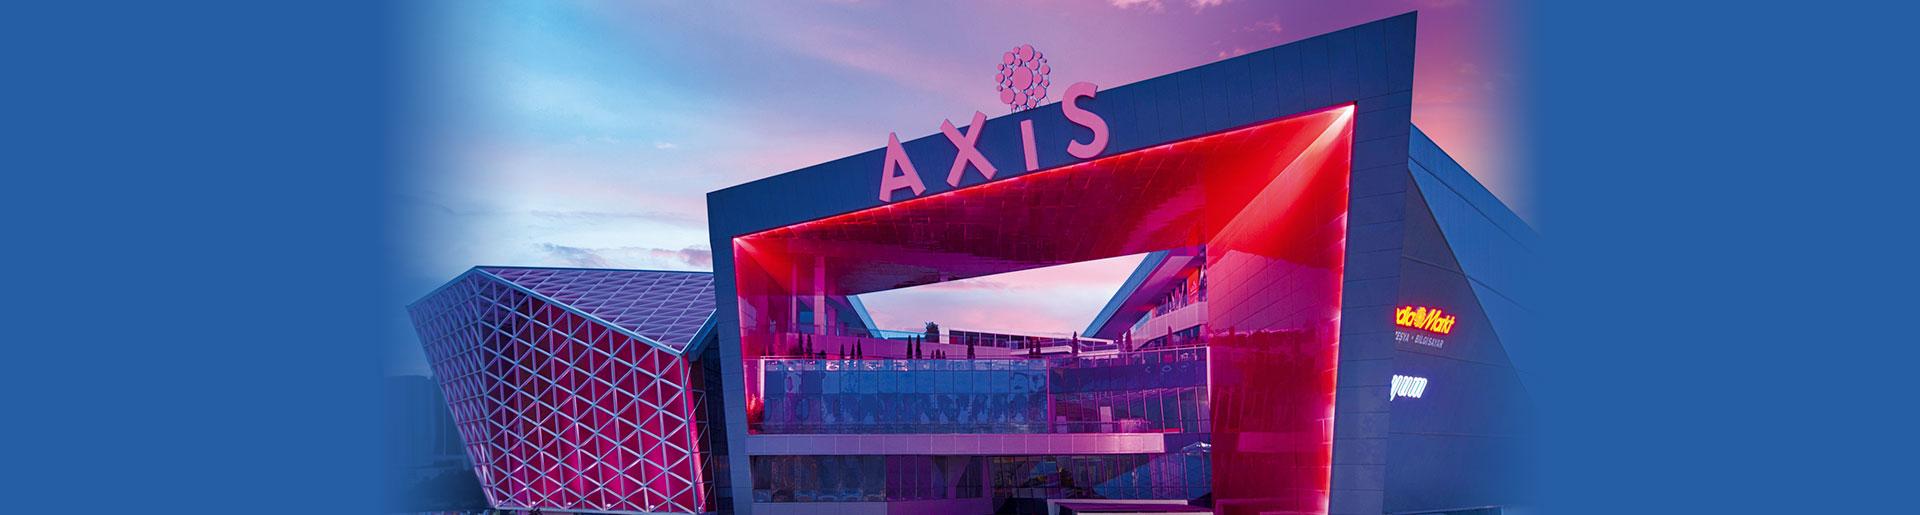 Sur Yapı Axis Kağıthane AVM